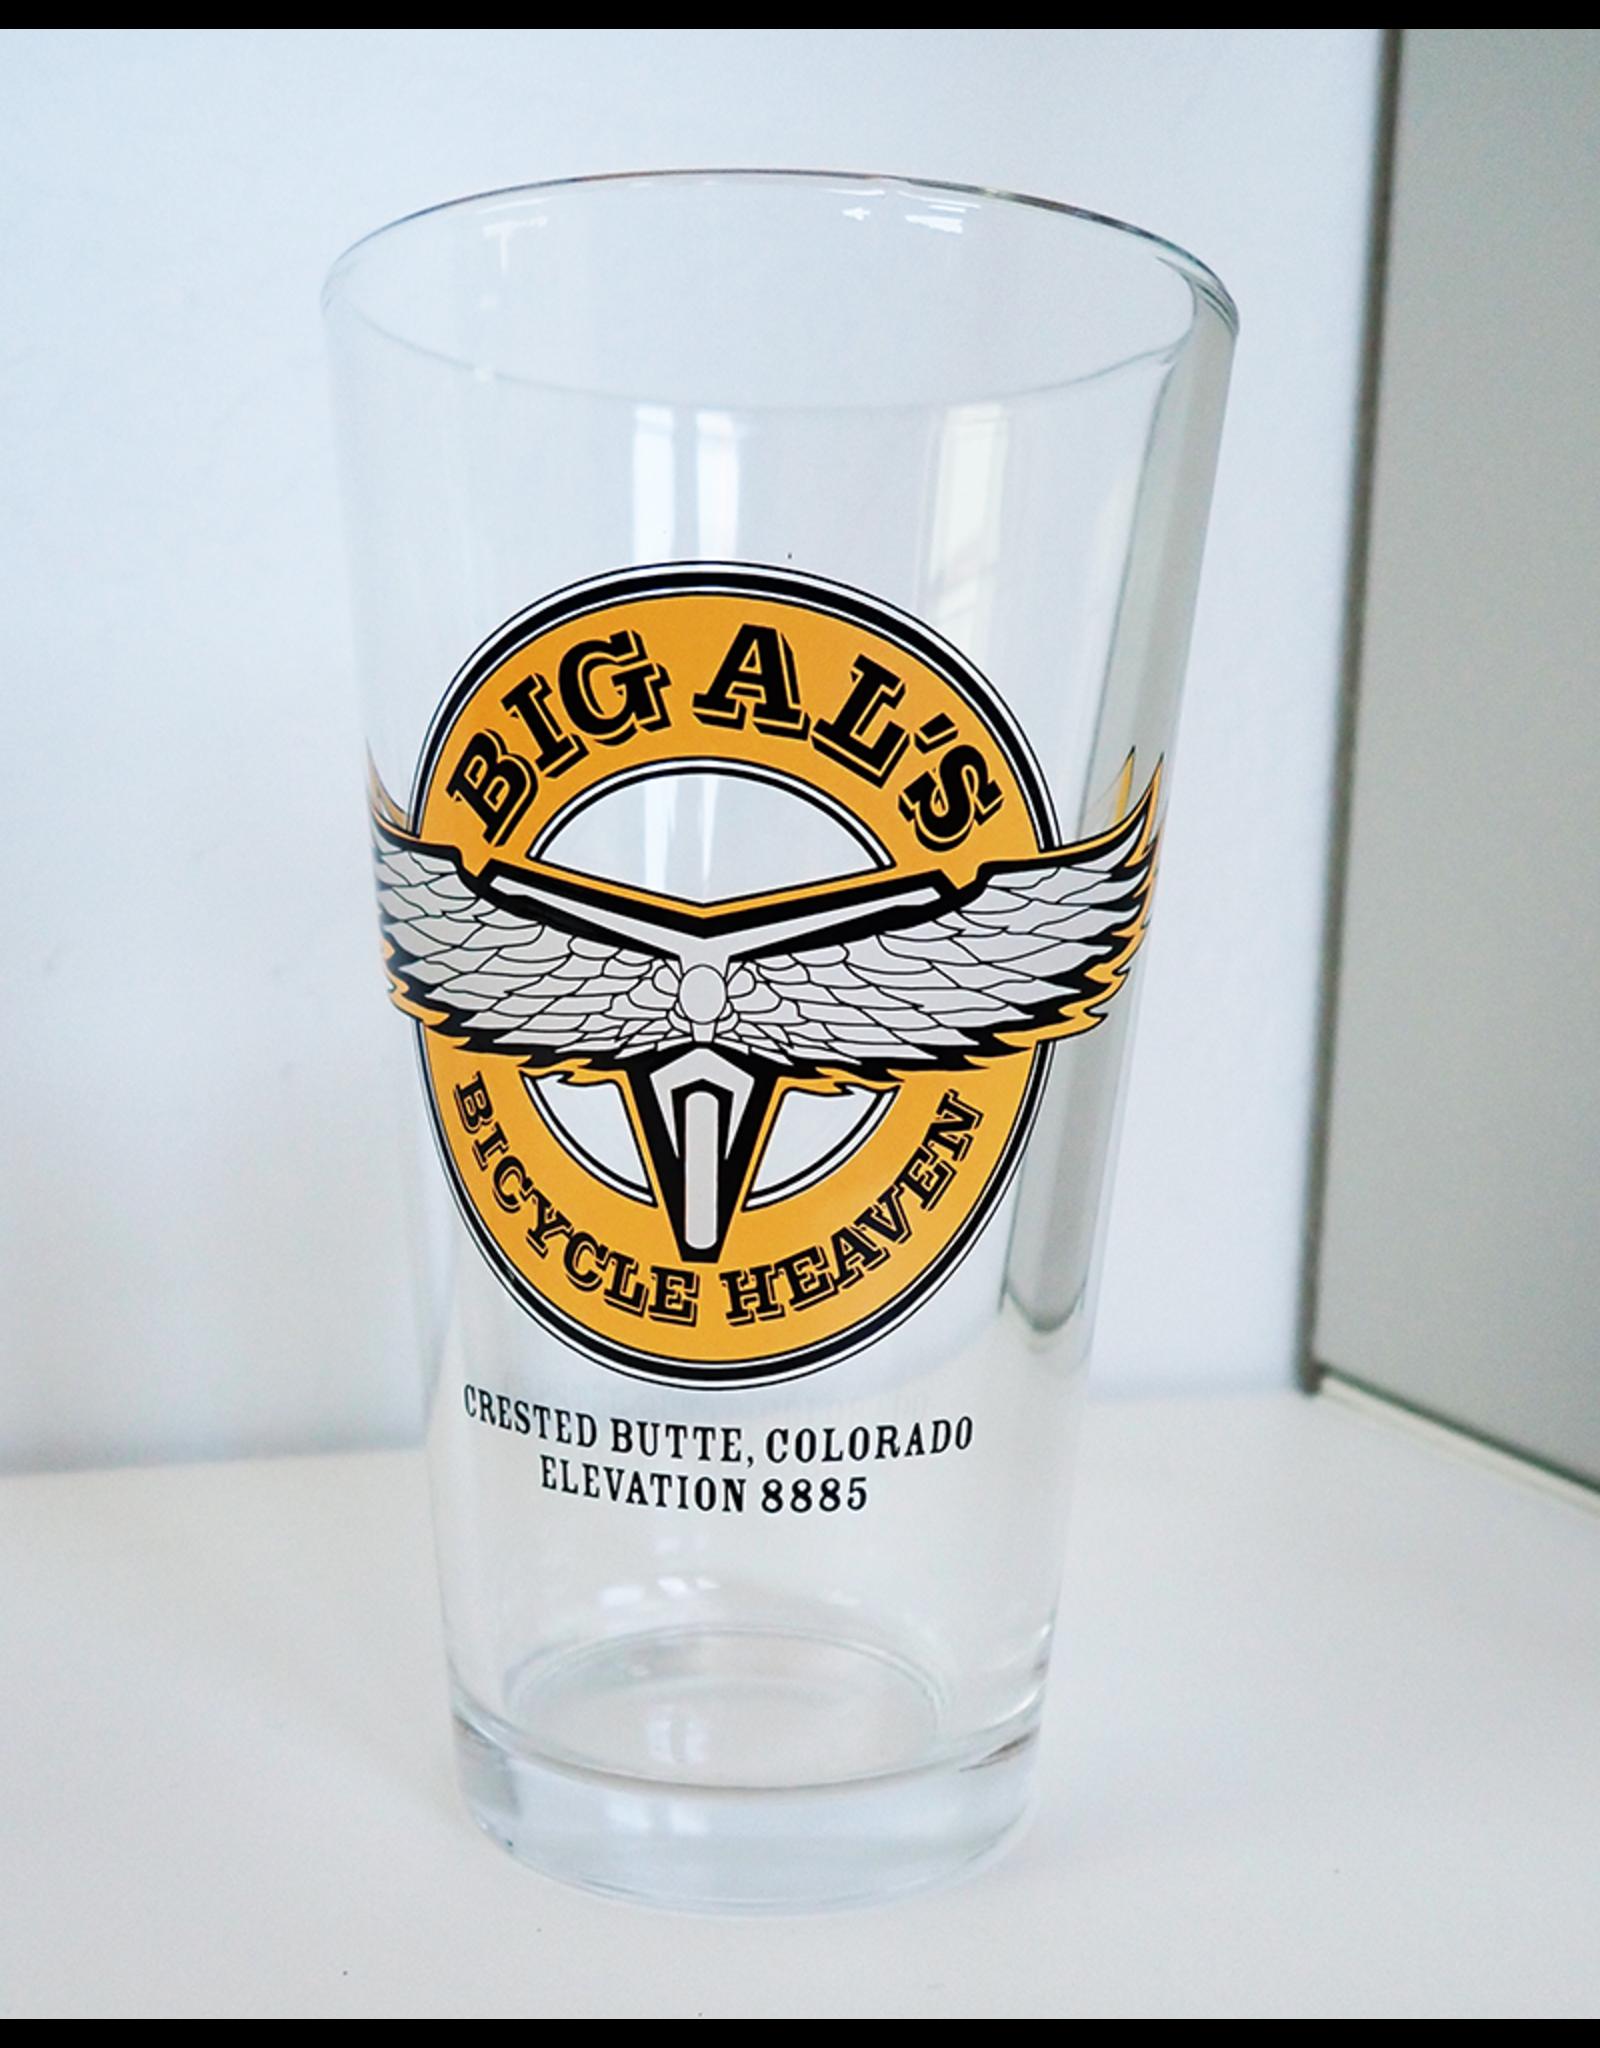 Big Al's Pint Glass Original Logo